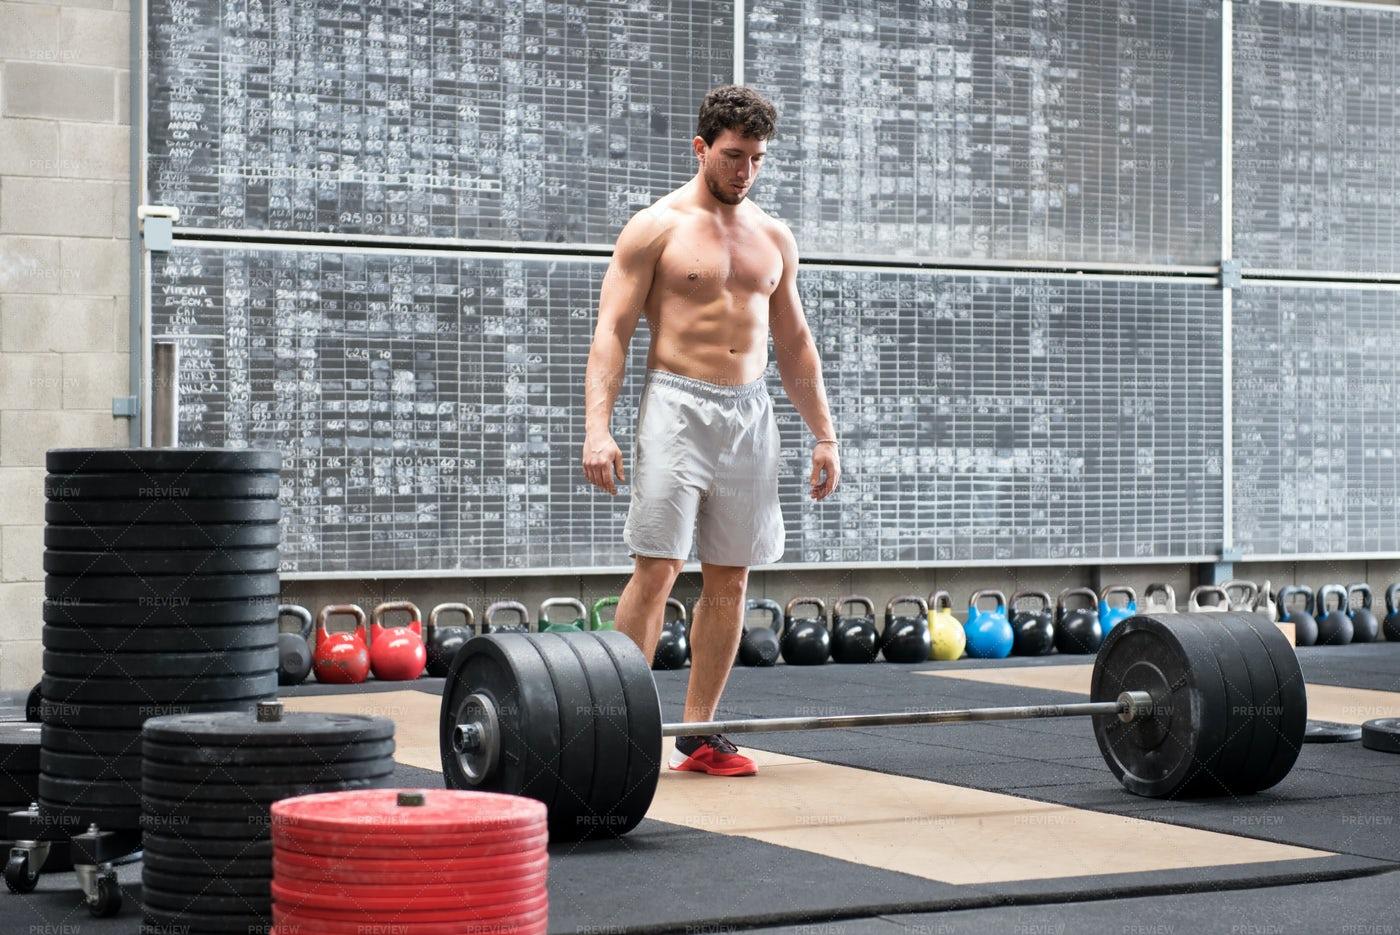 Athlete On A Gym: Stock Photos